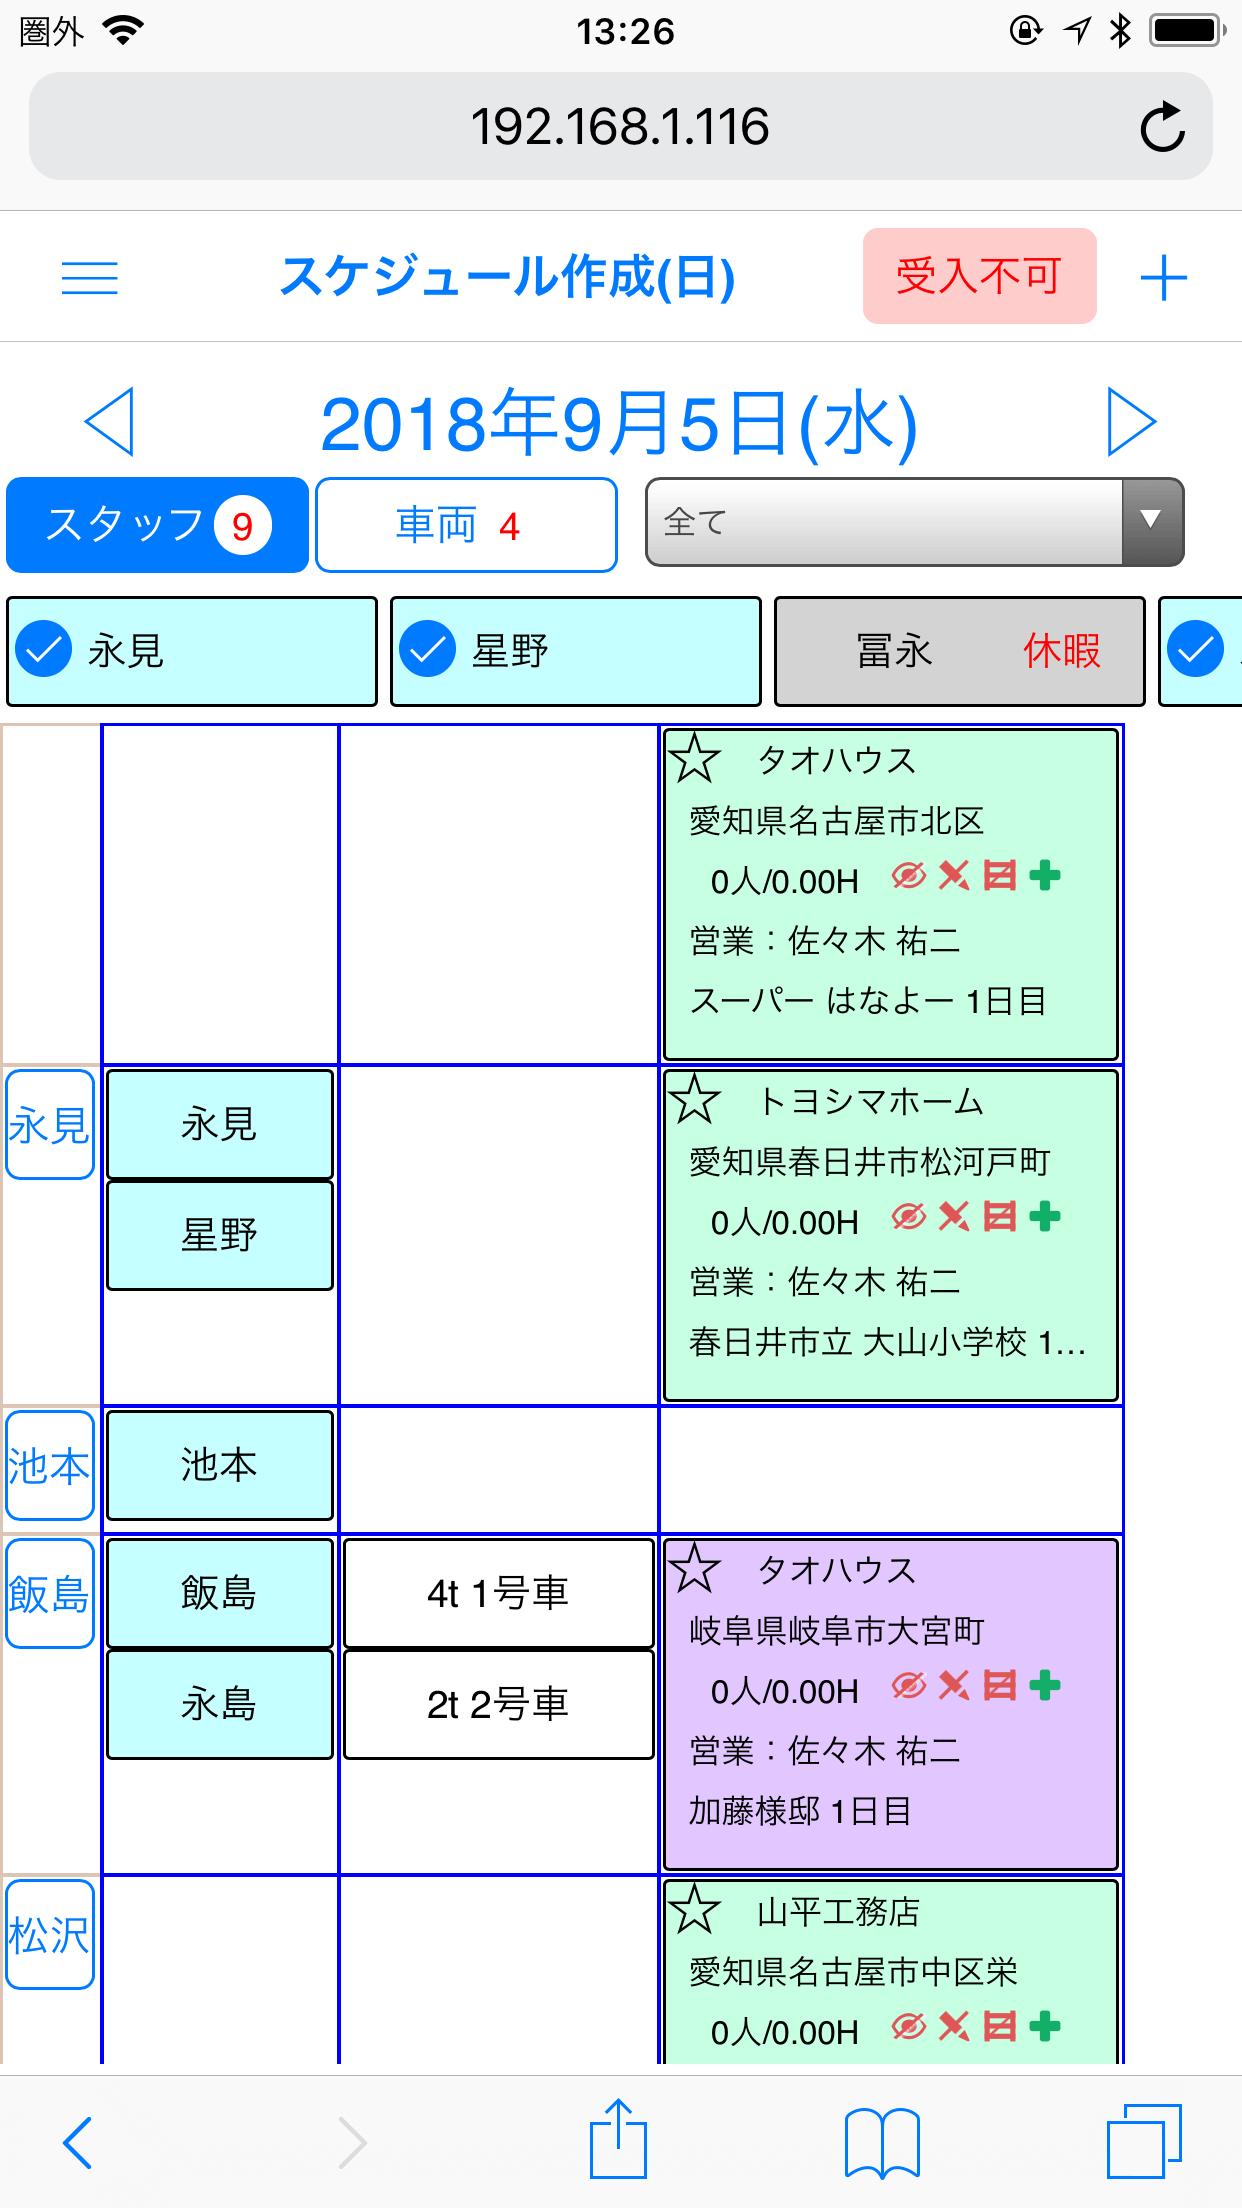 スケジュール作成